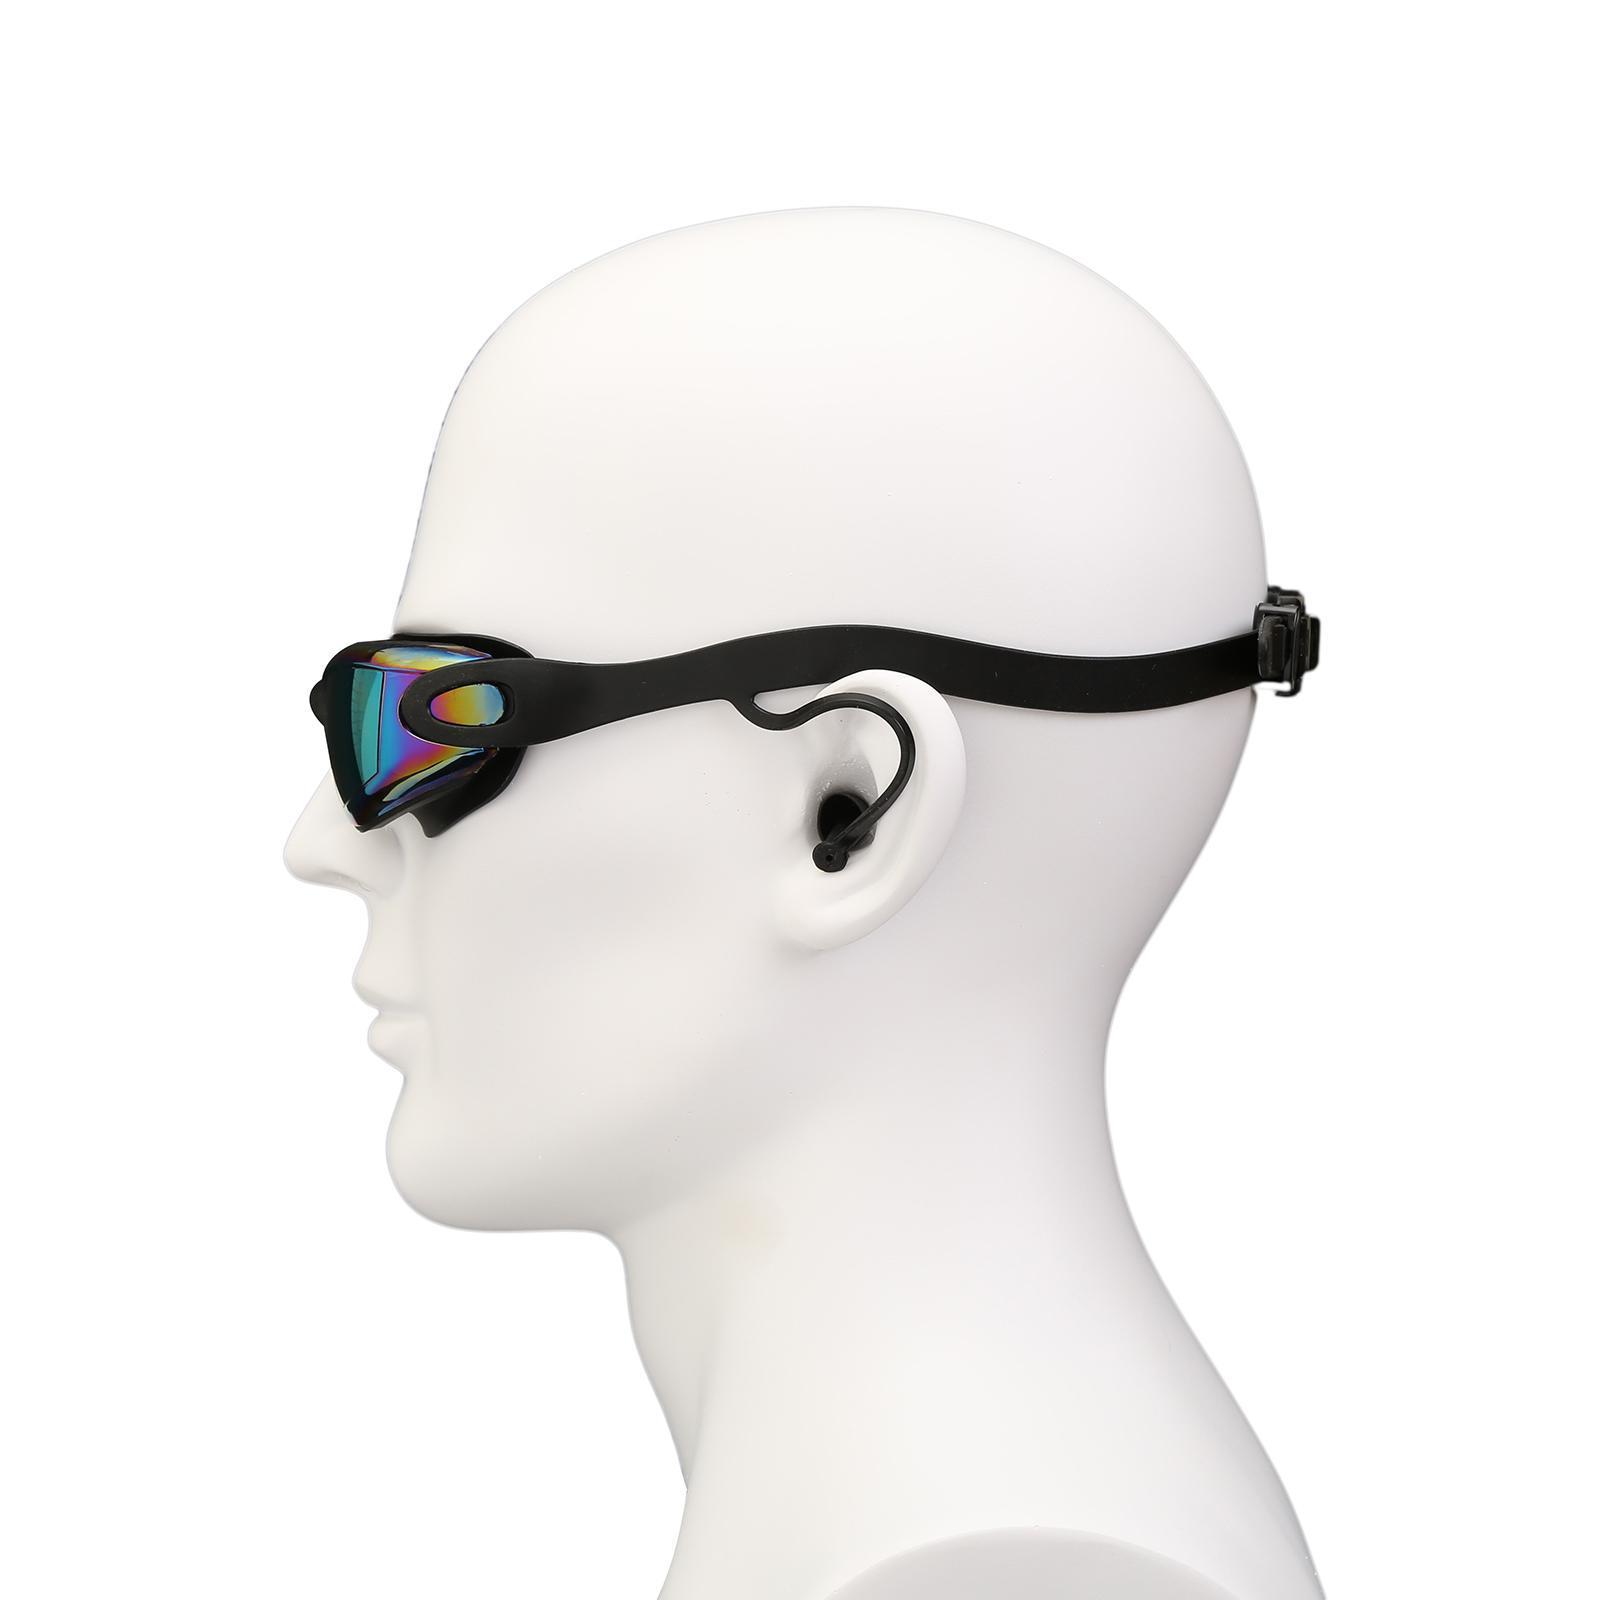 miniatura 7 - Occhialini da nuoto, protezione UV Occhialini da nuoto anti-appannamento Unisex